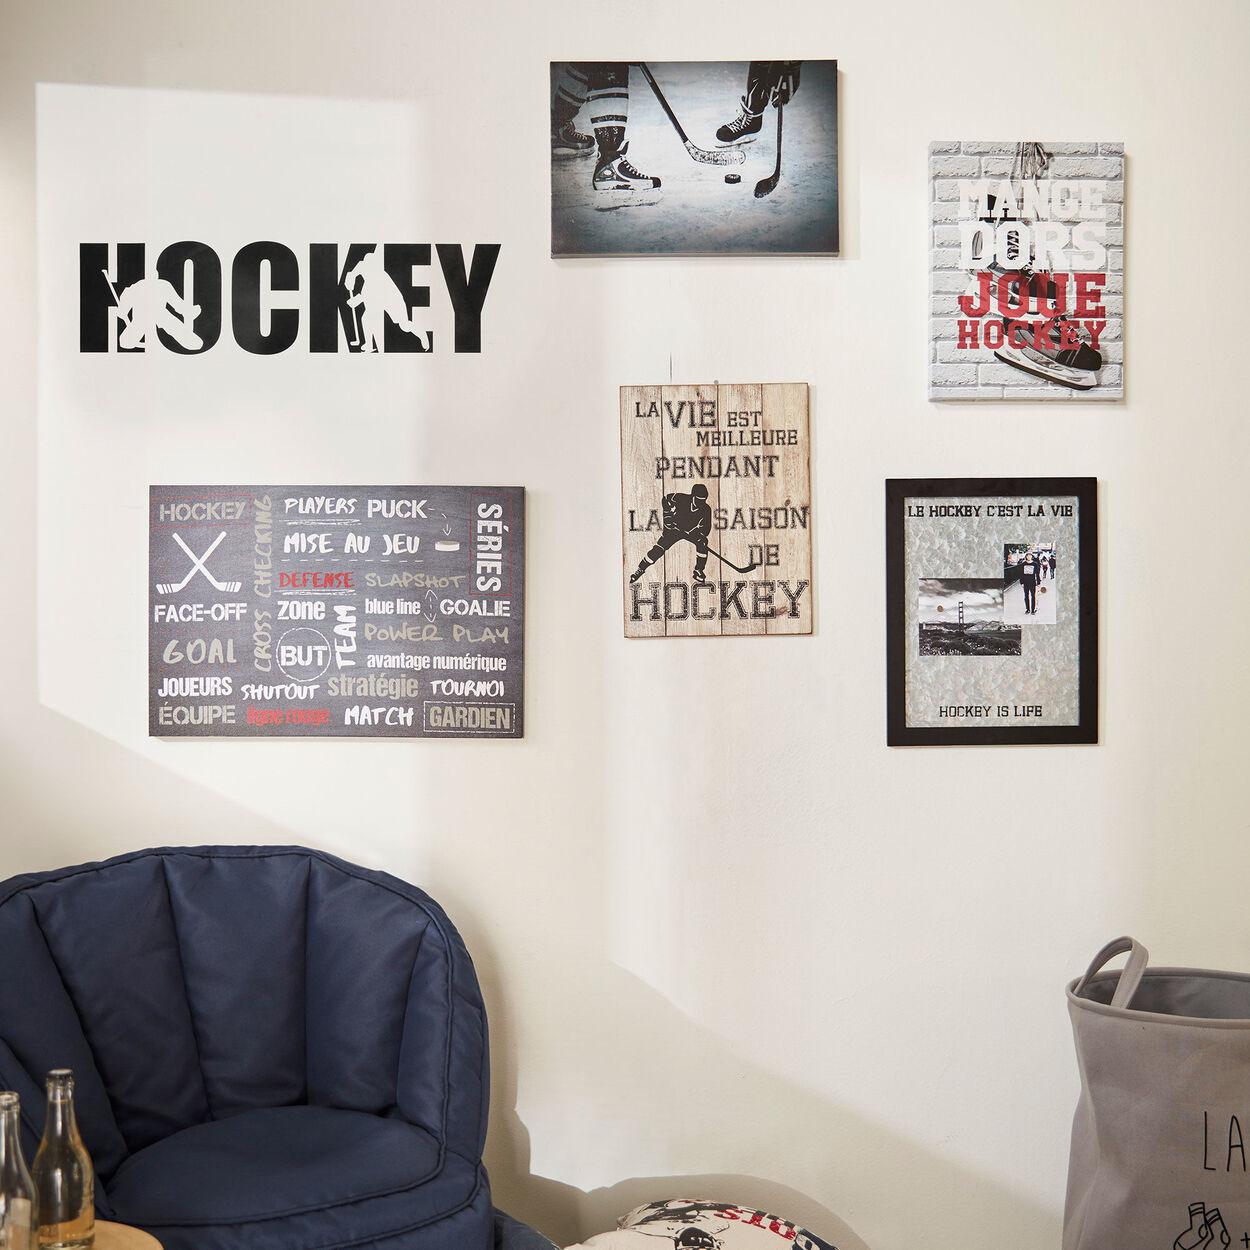 Hockey Wood Wall Plaque